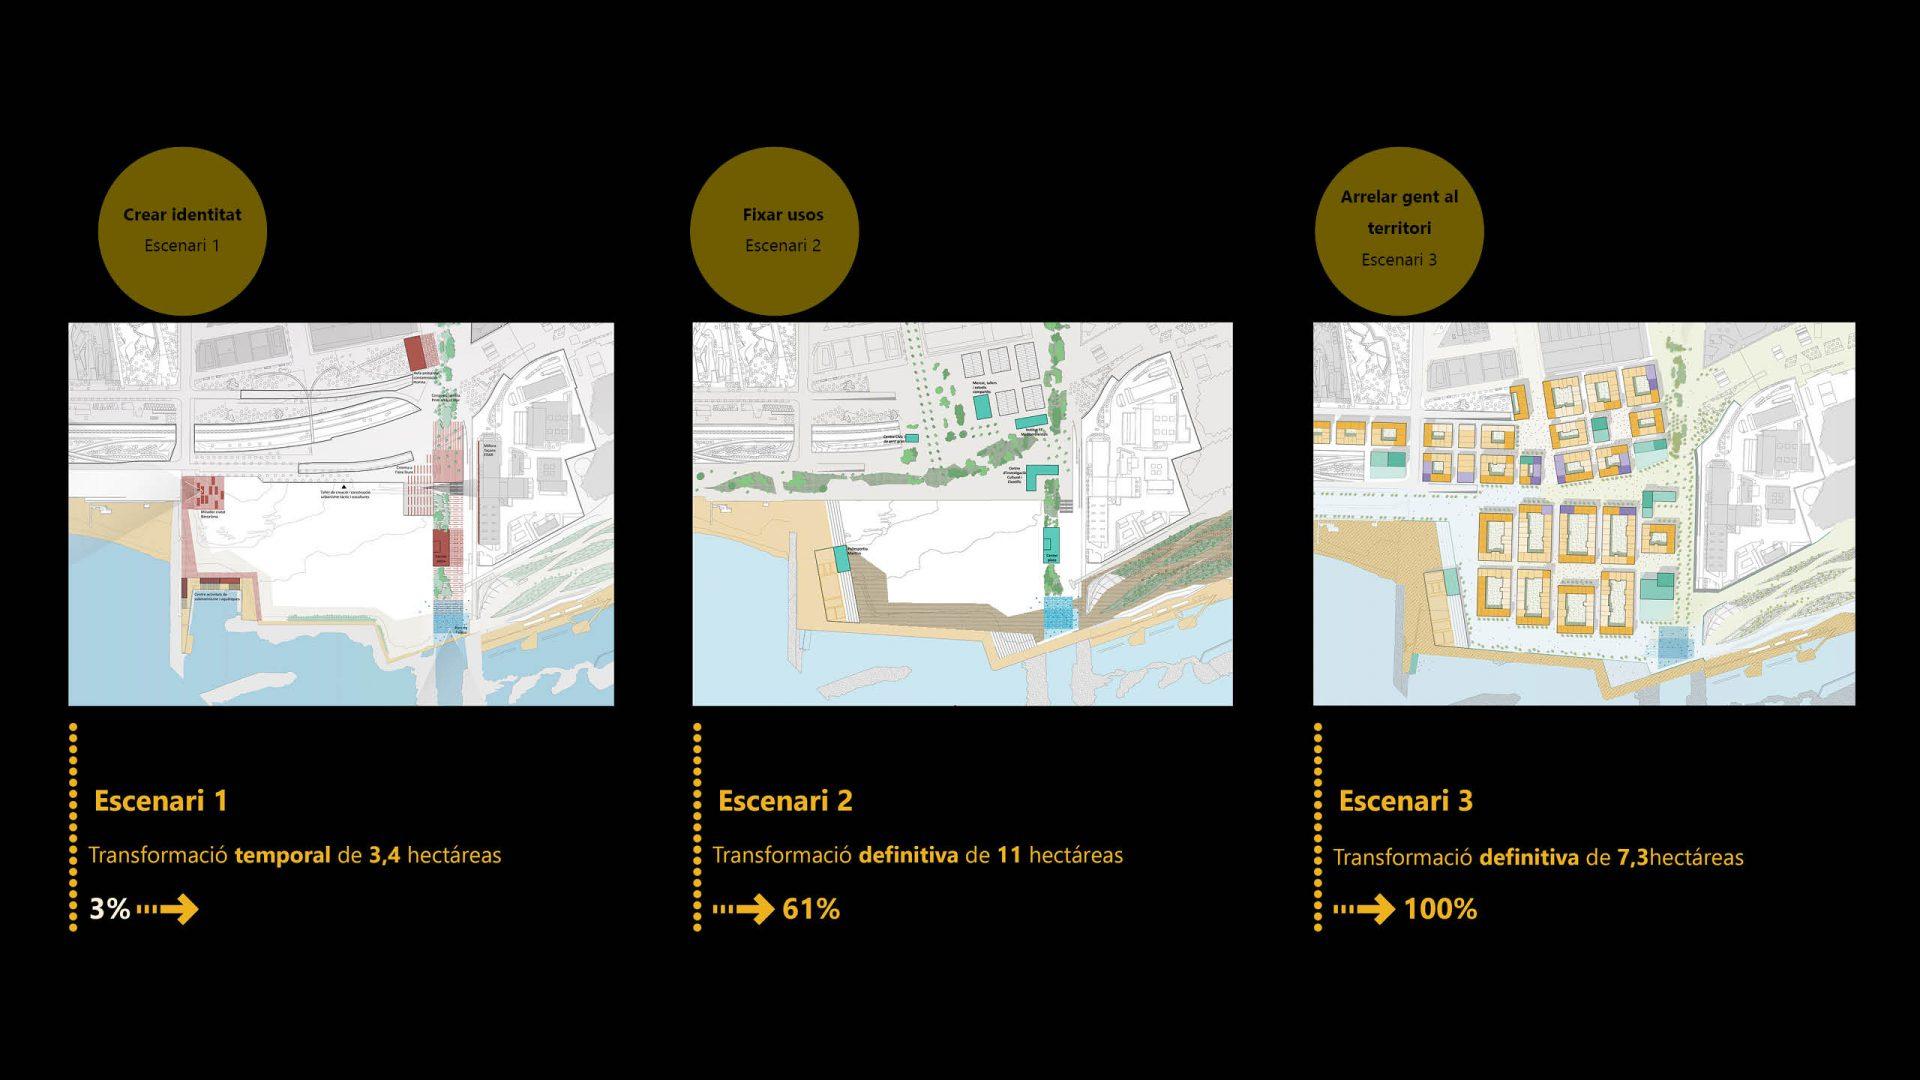 Resum de les tres escenaris proposats